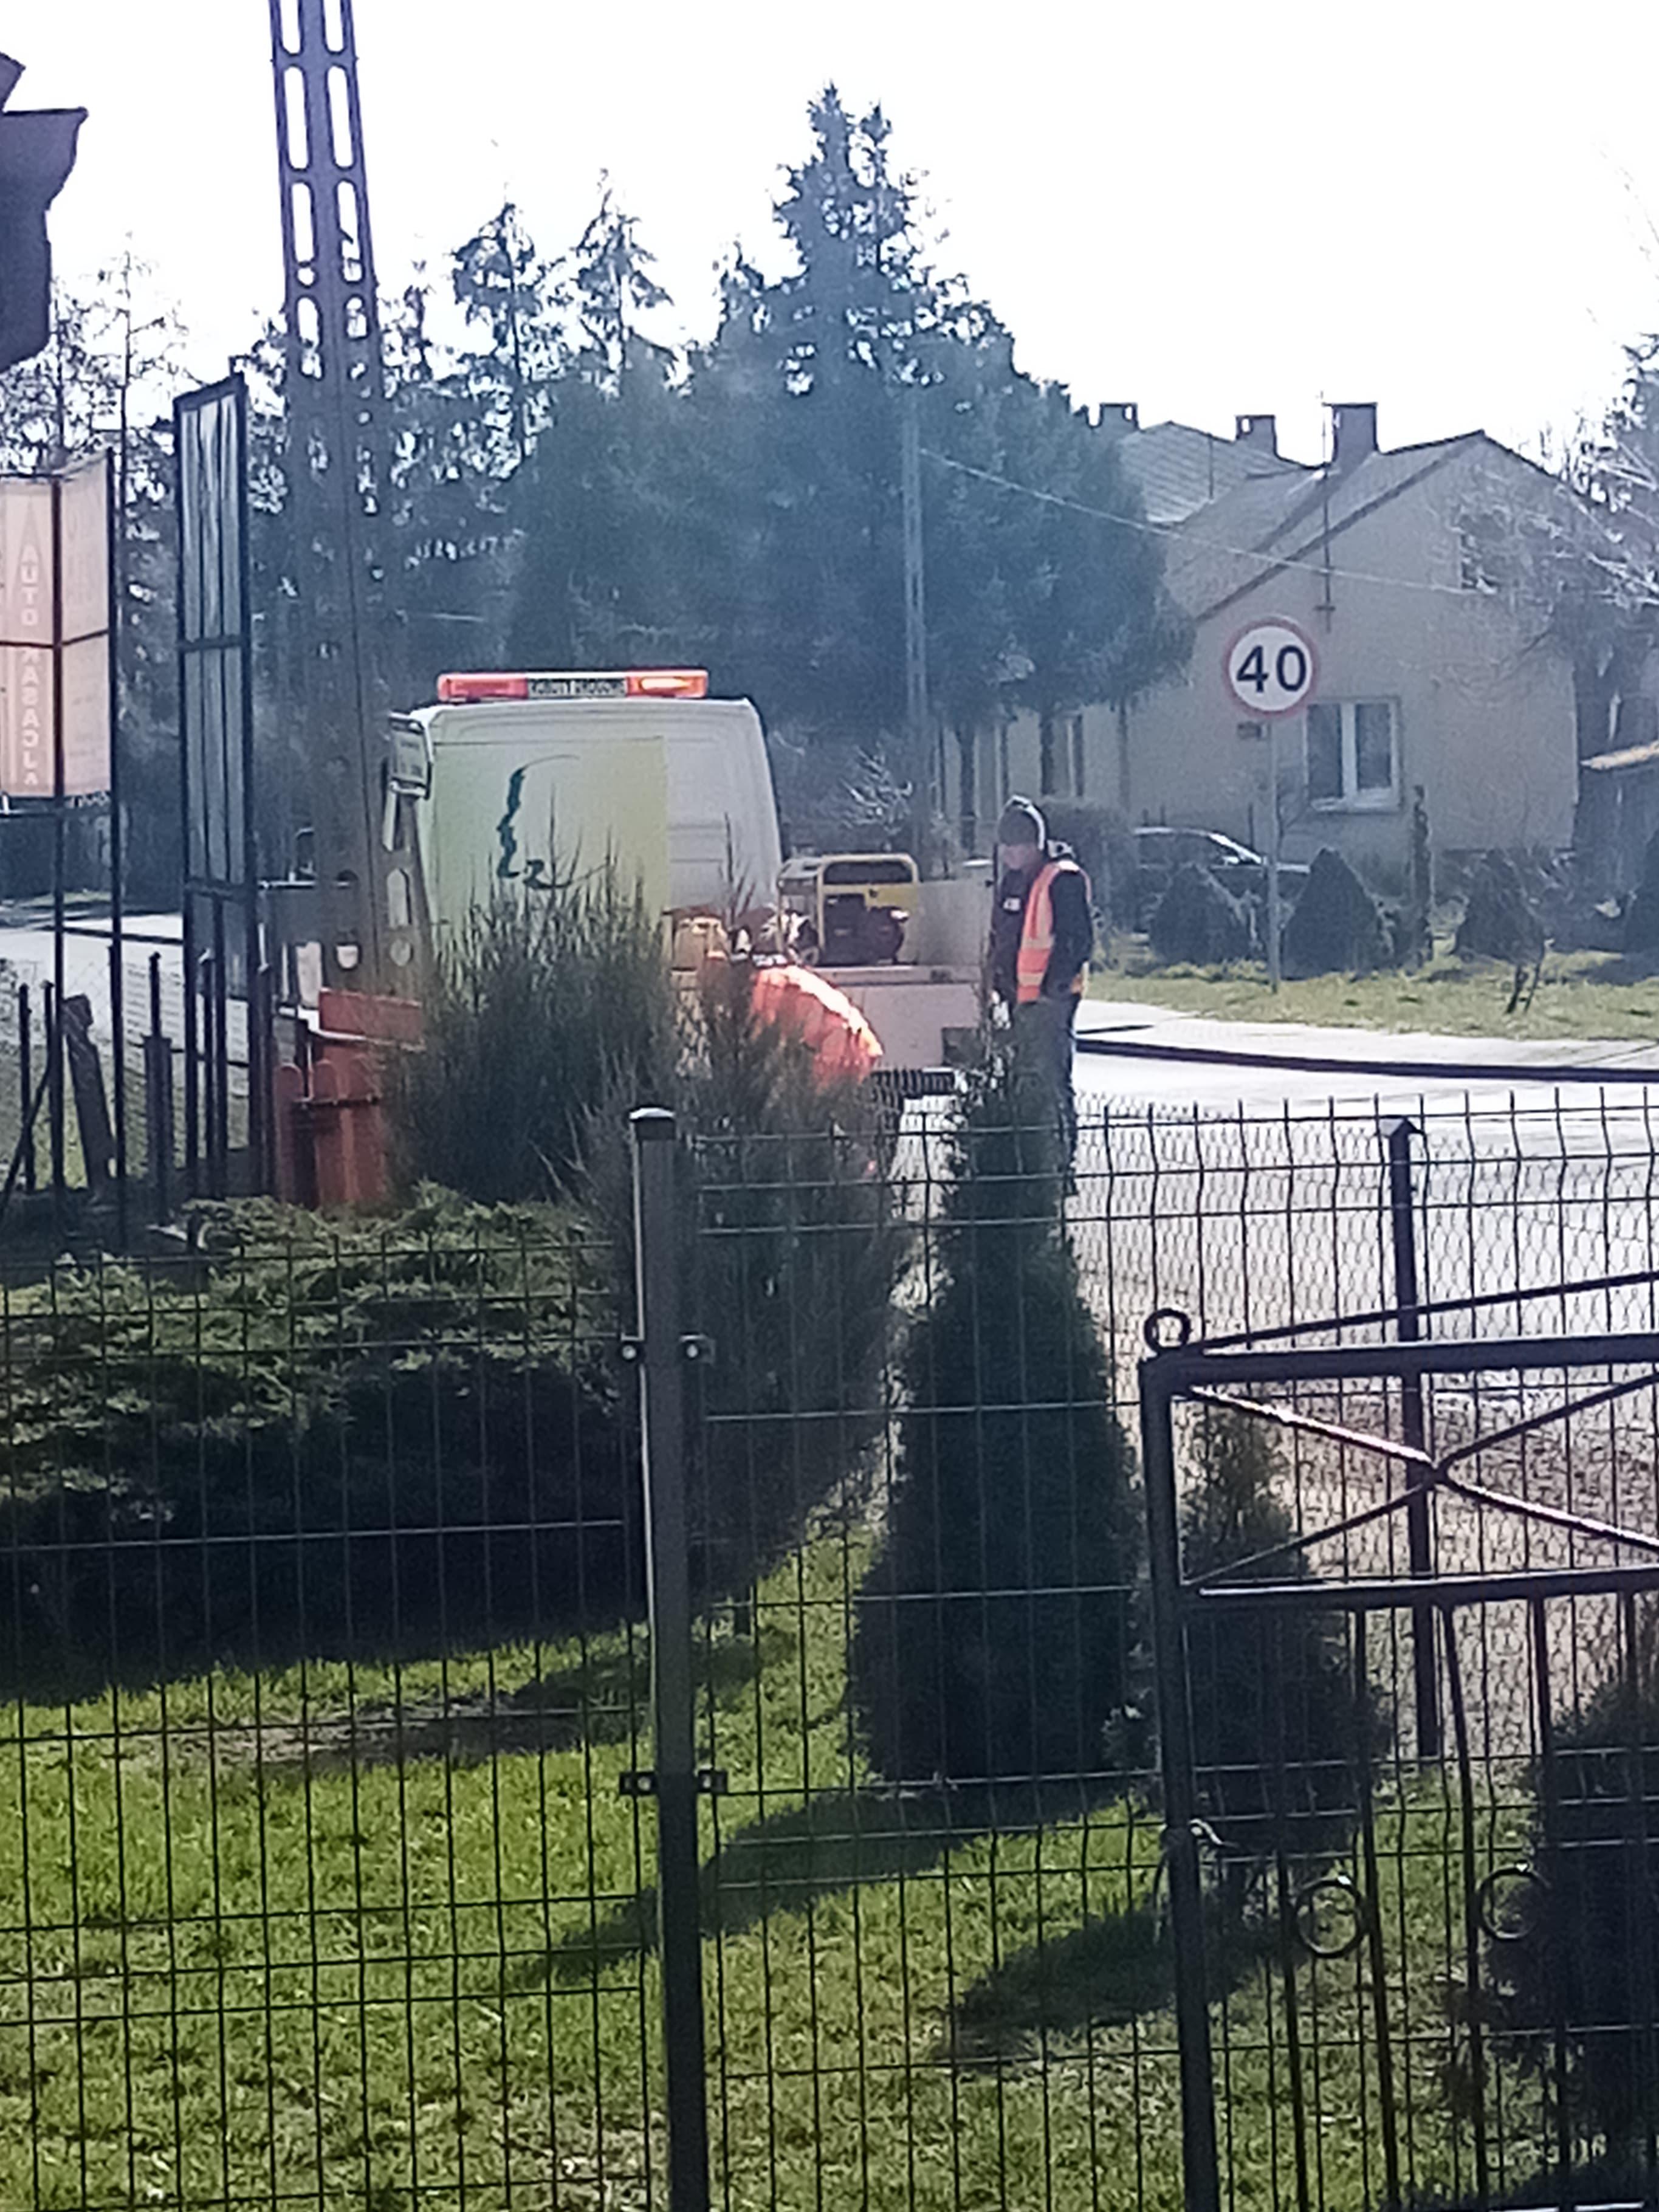 SEROKOMLA Skuteczna interwencja Łuków24.pl Znak utrudniający widoczność usunięty  - Zdjęcie główne